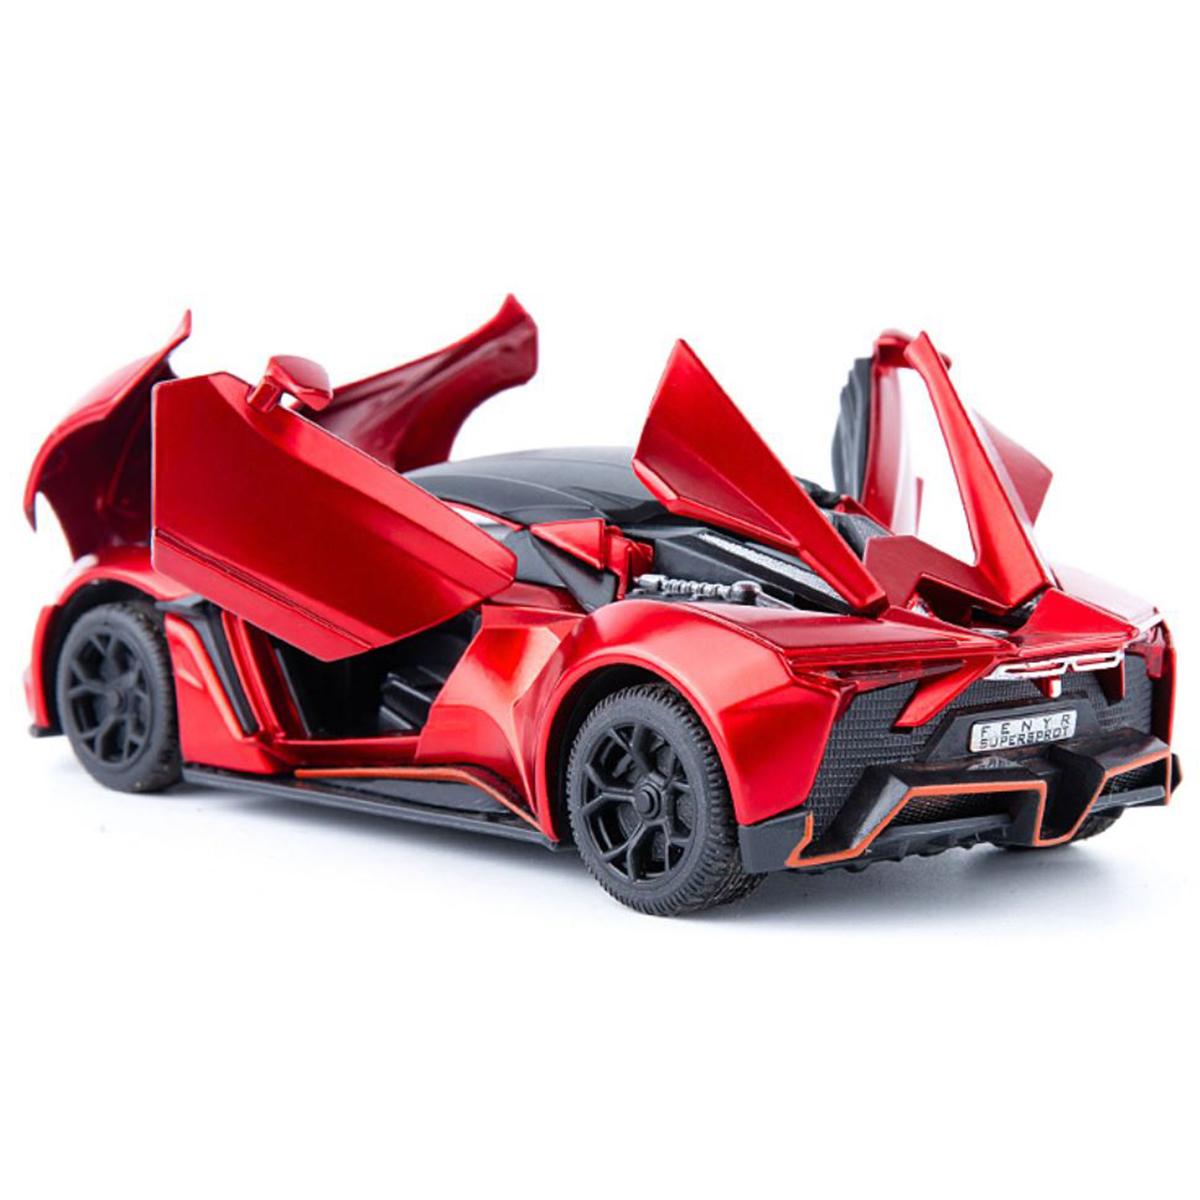 Siêu xe ô tô mô hình kim loại Lykan Hypersport tỷ lệ 1:32 Brand Skyhawk